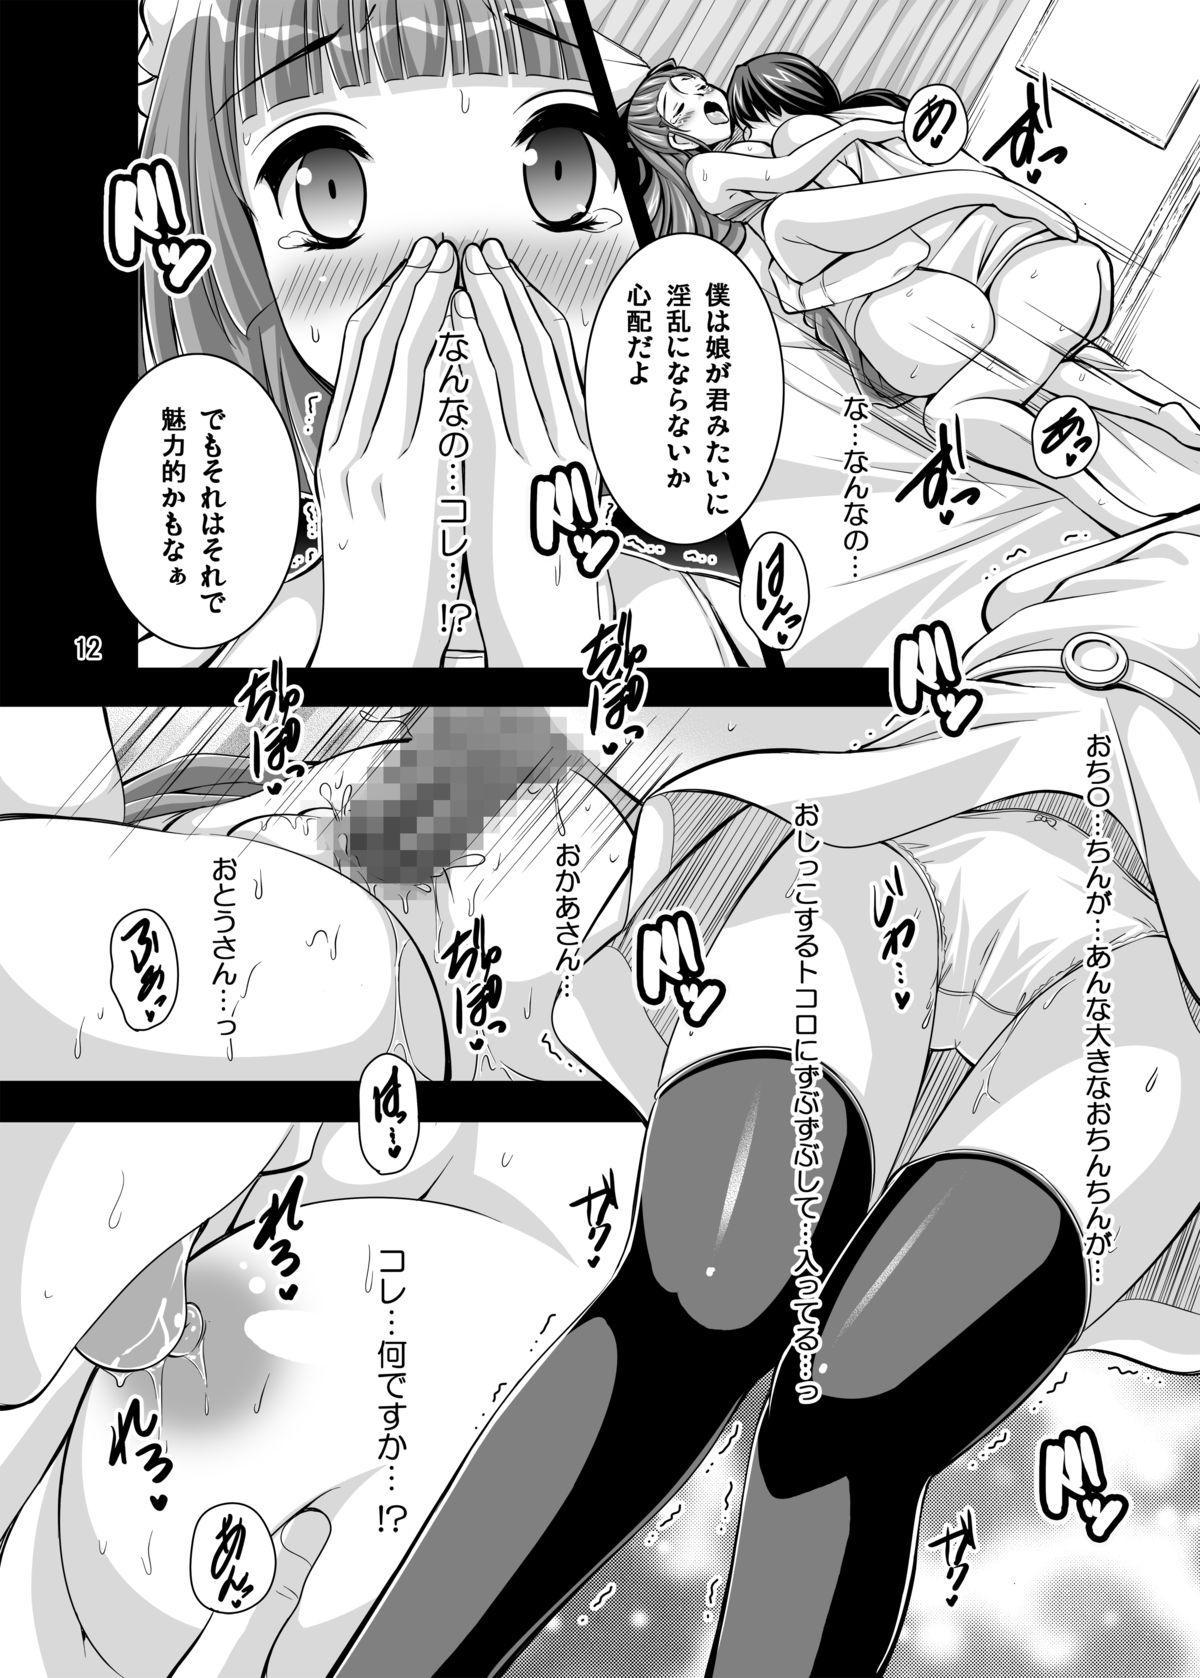 Basha no Naka de Onii-chan to Ecchi Shimasu 11